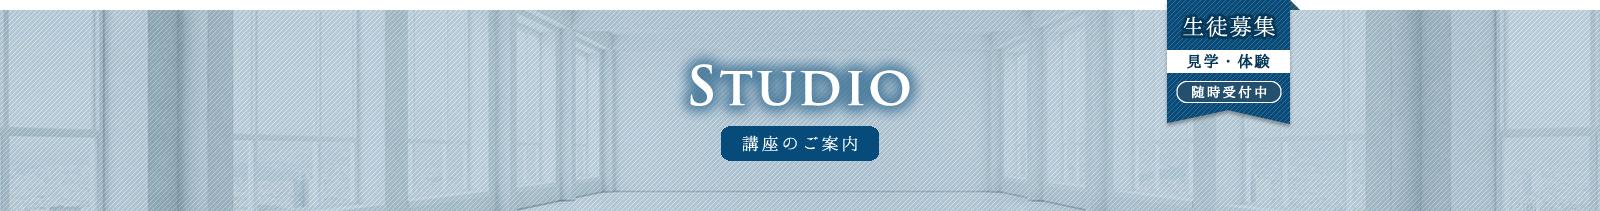 スタジオ講座のご案内